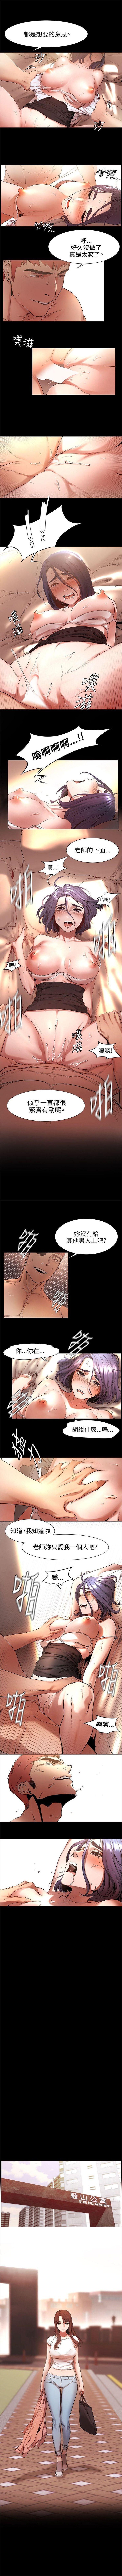 衝突 1-100官方中文(連載中) 16